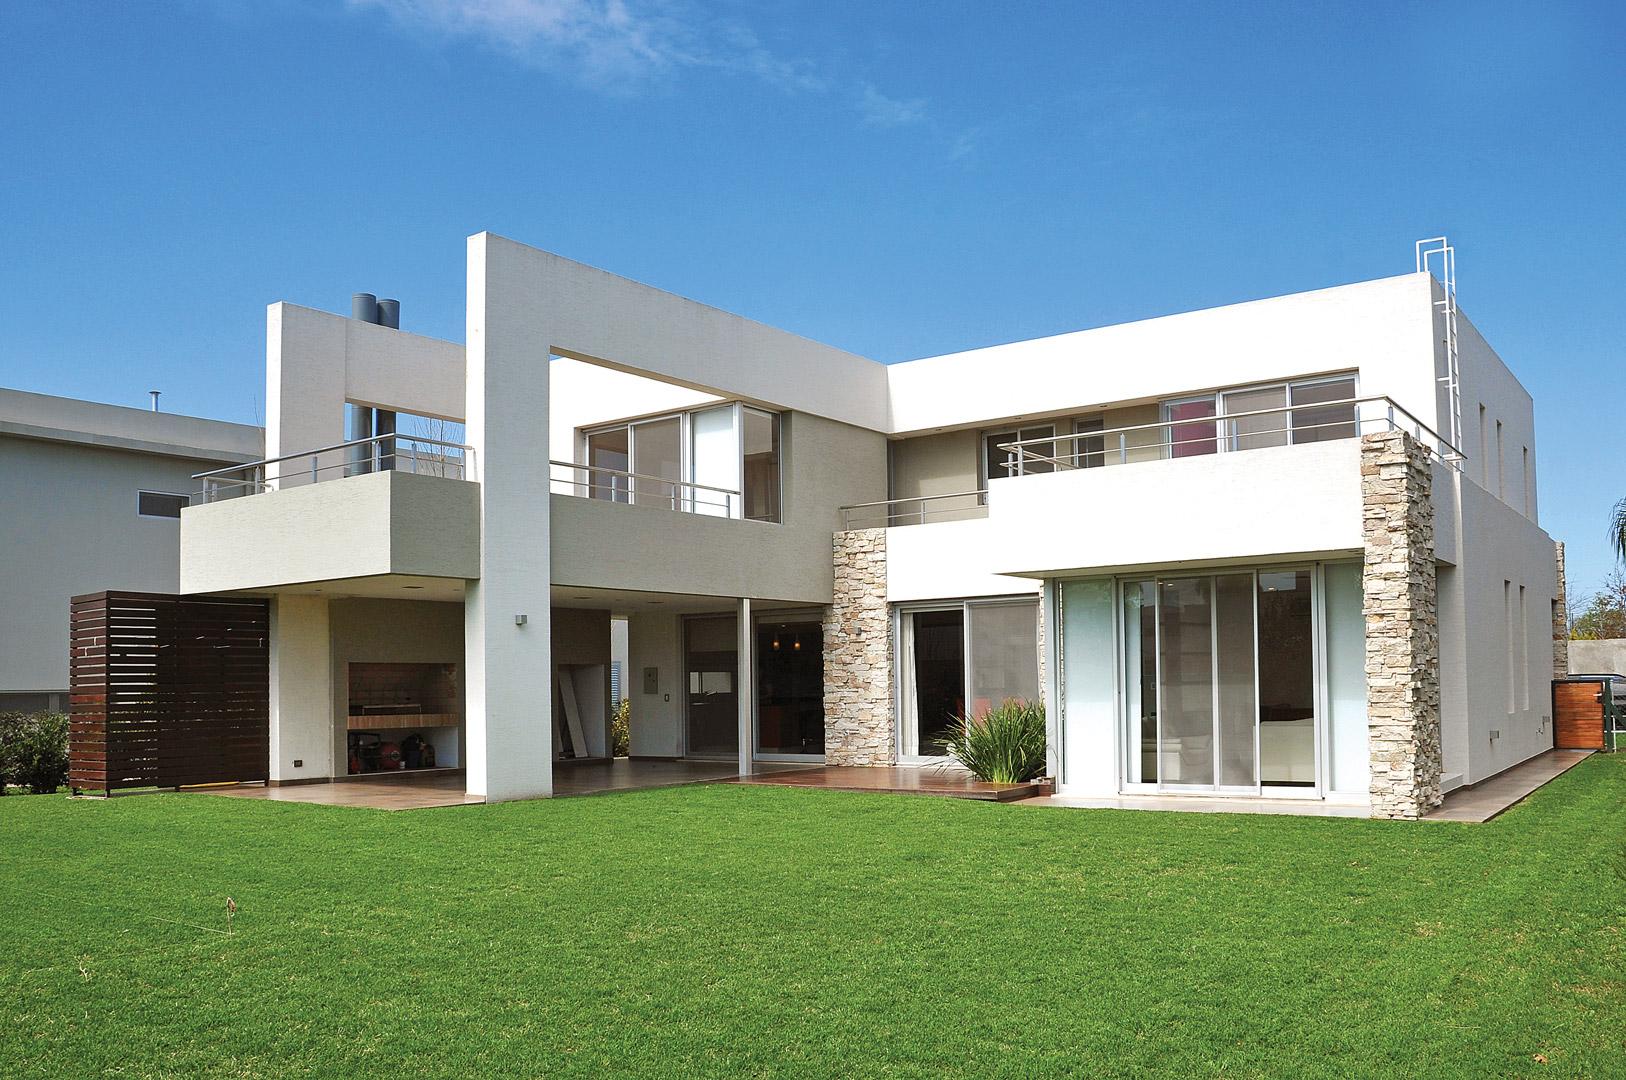 Estudio ploa arquitectos casa 1b portal de arquitectos - Estudio 3 arquitectos ...